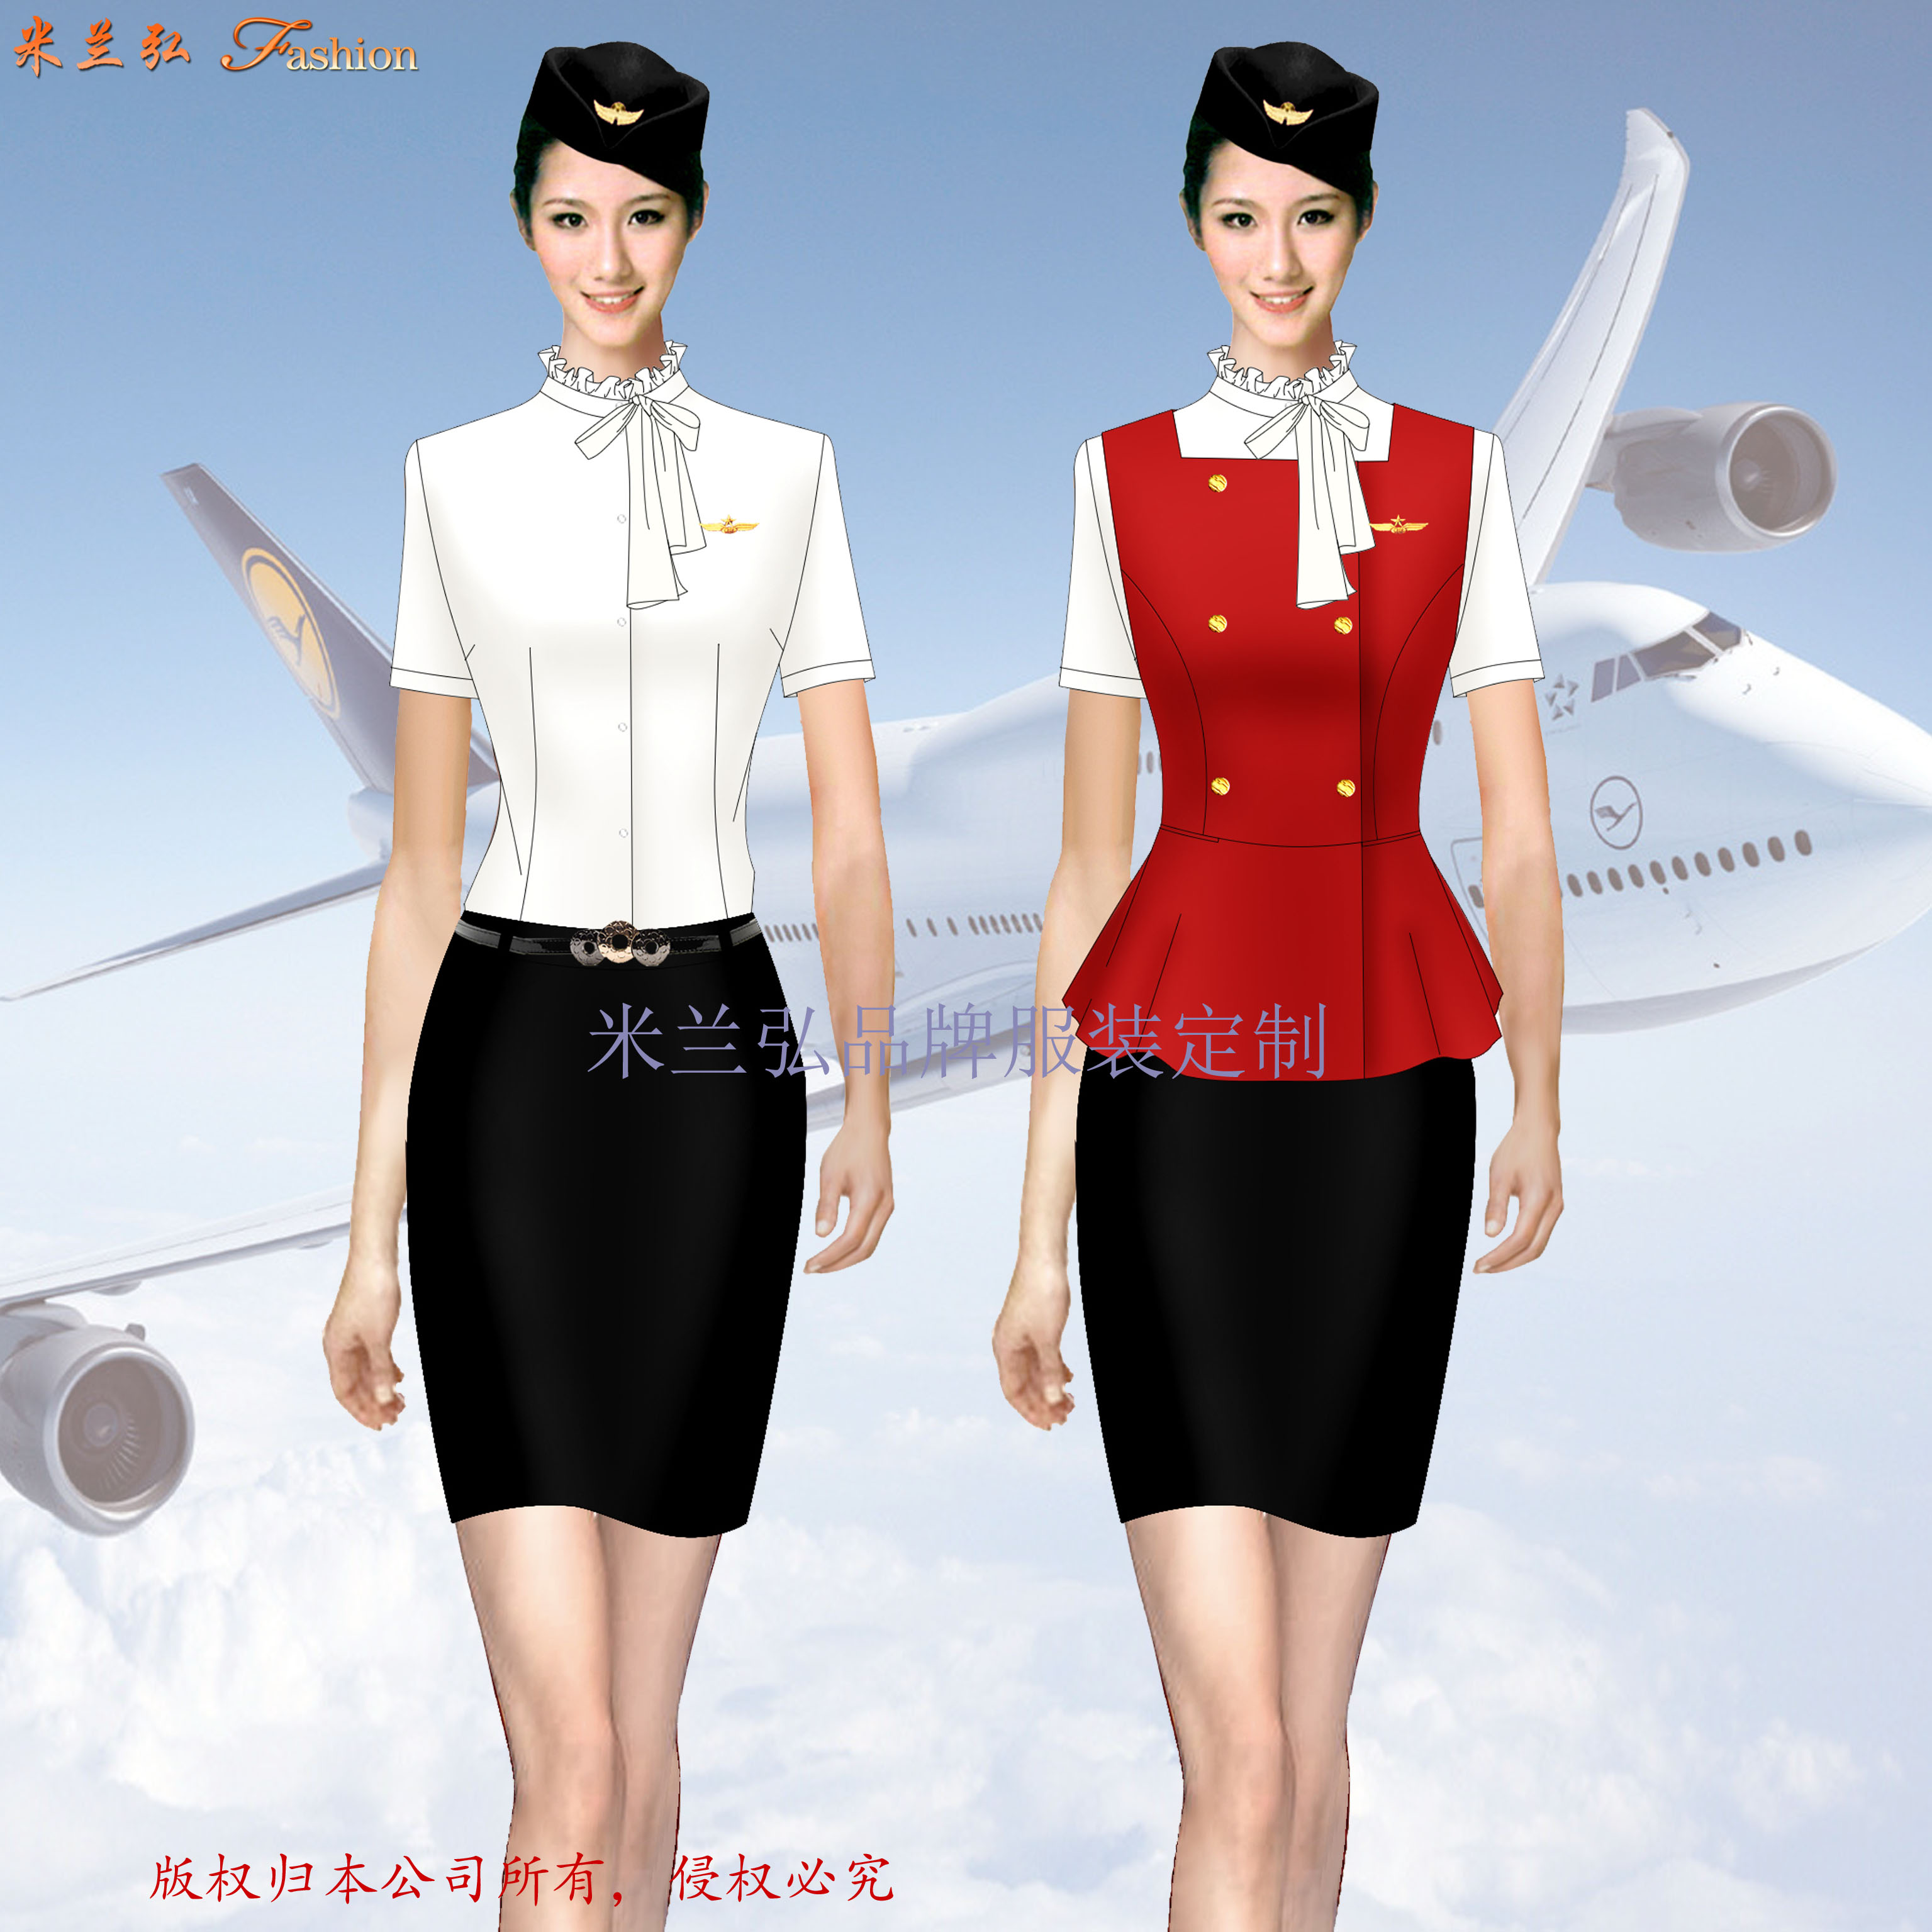 江西机场地勤服装-机场职业装定制-米兰弘服装-1